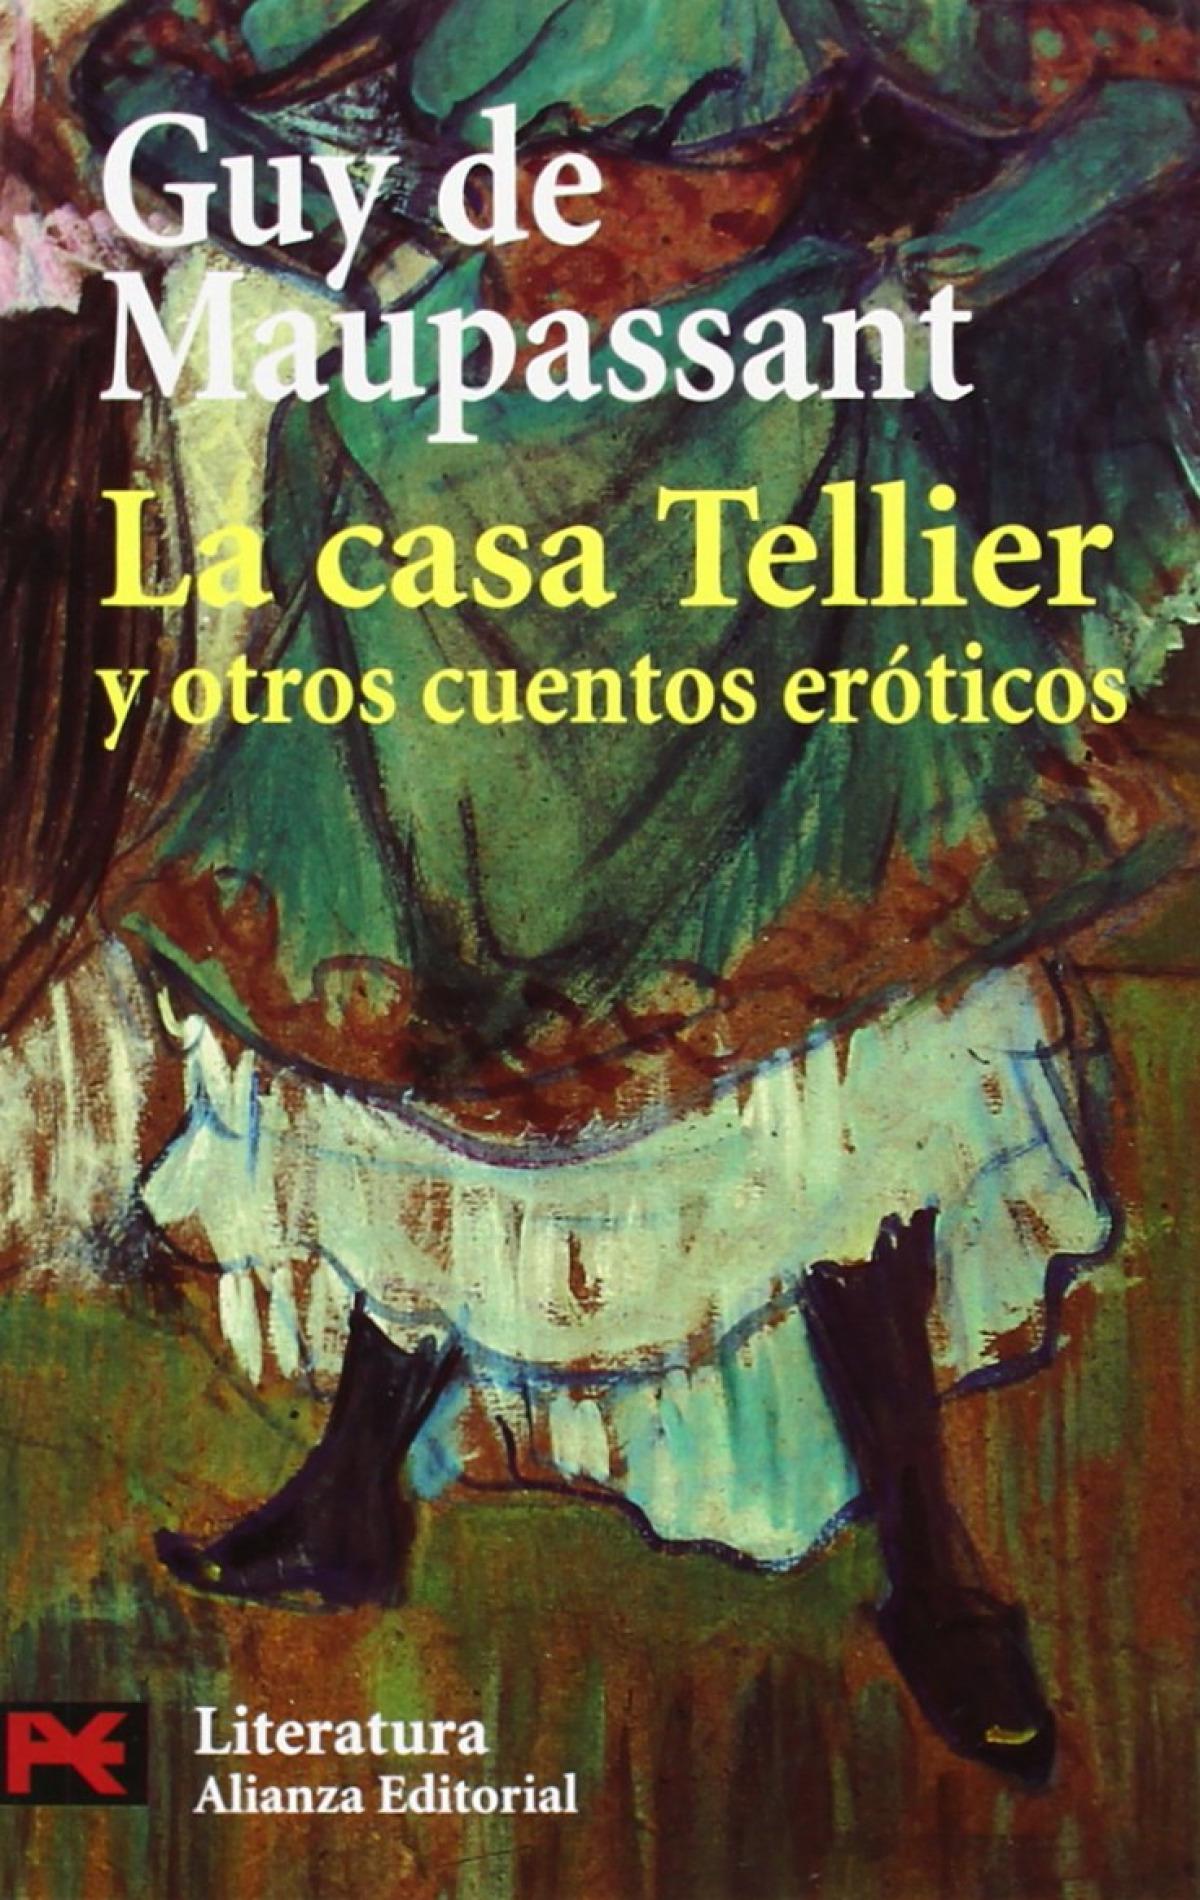 La casa Tellier y otros cuentos eróticos